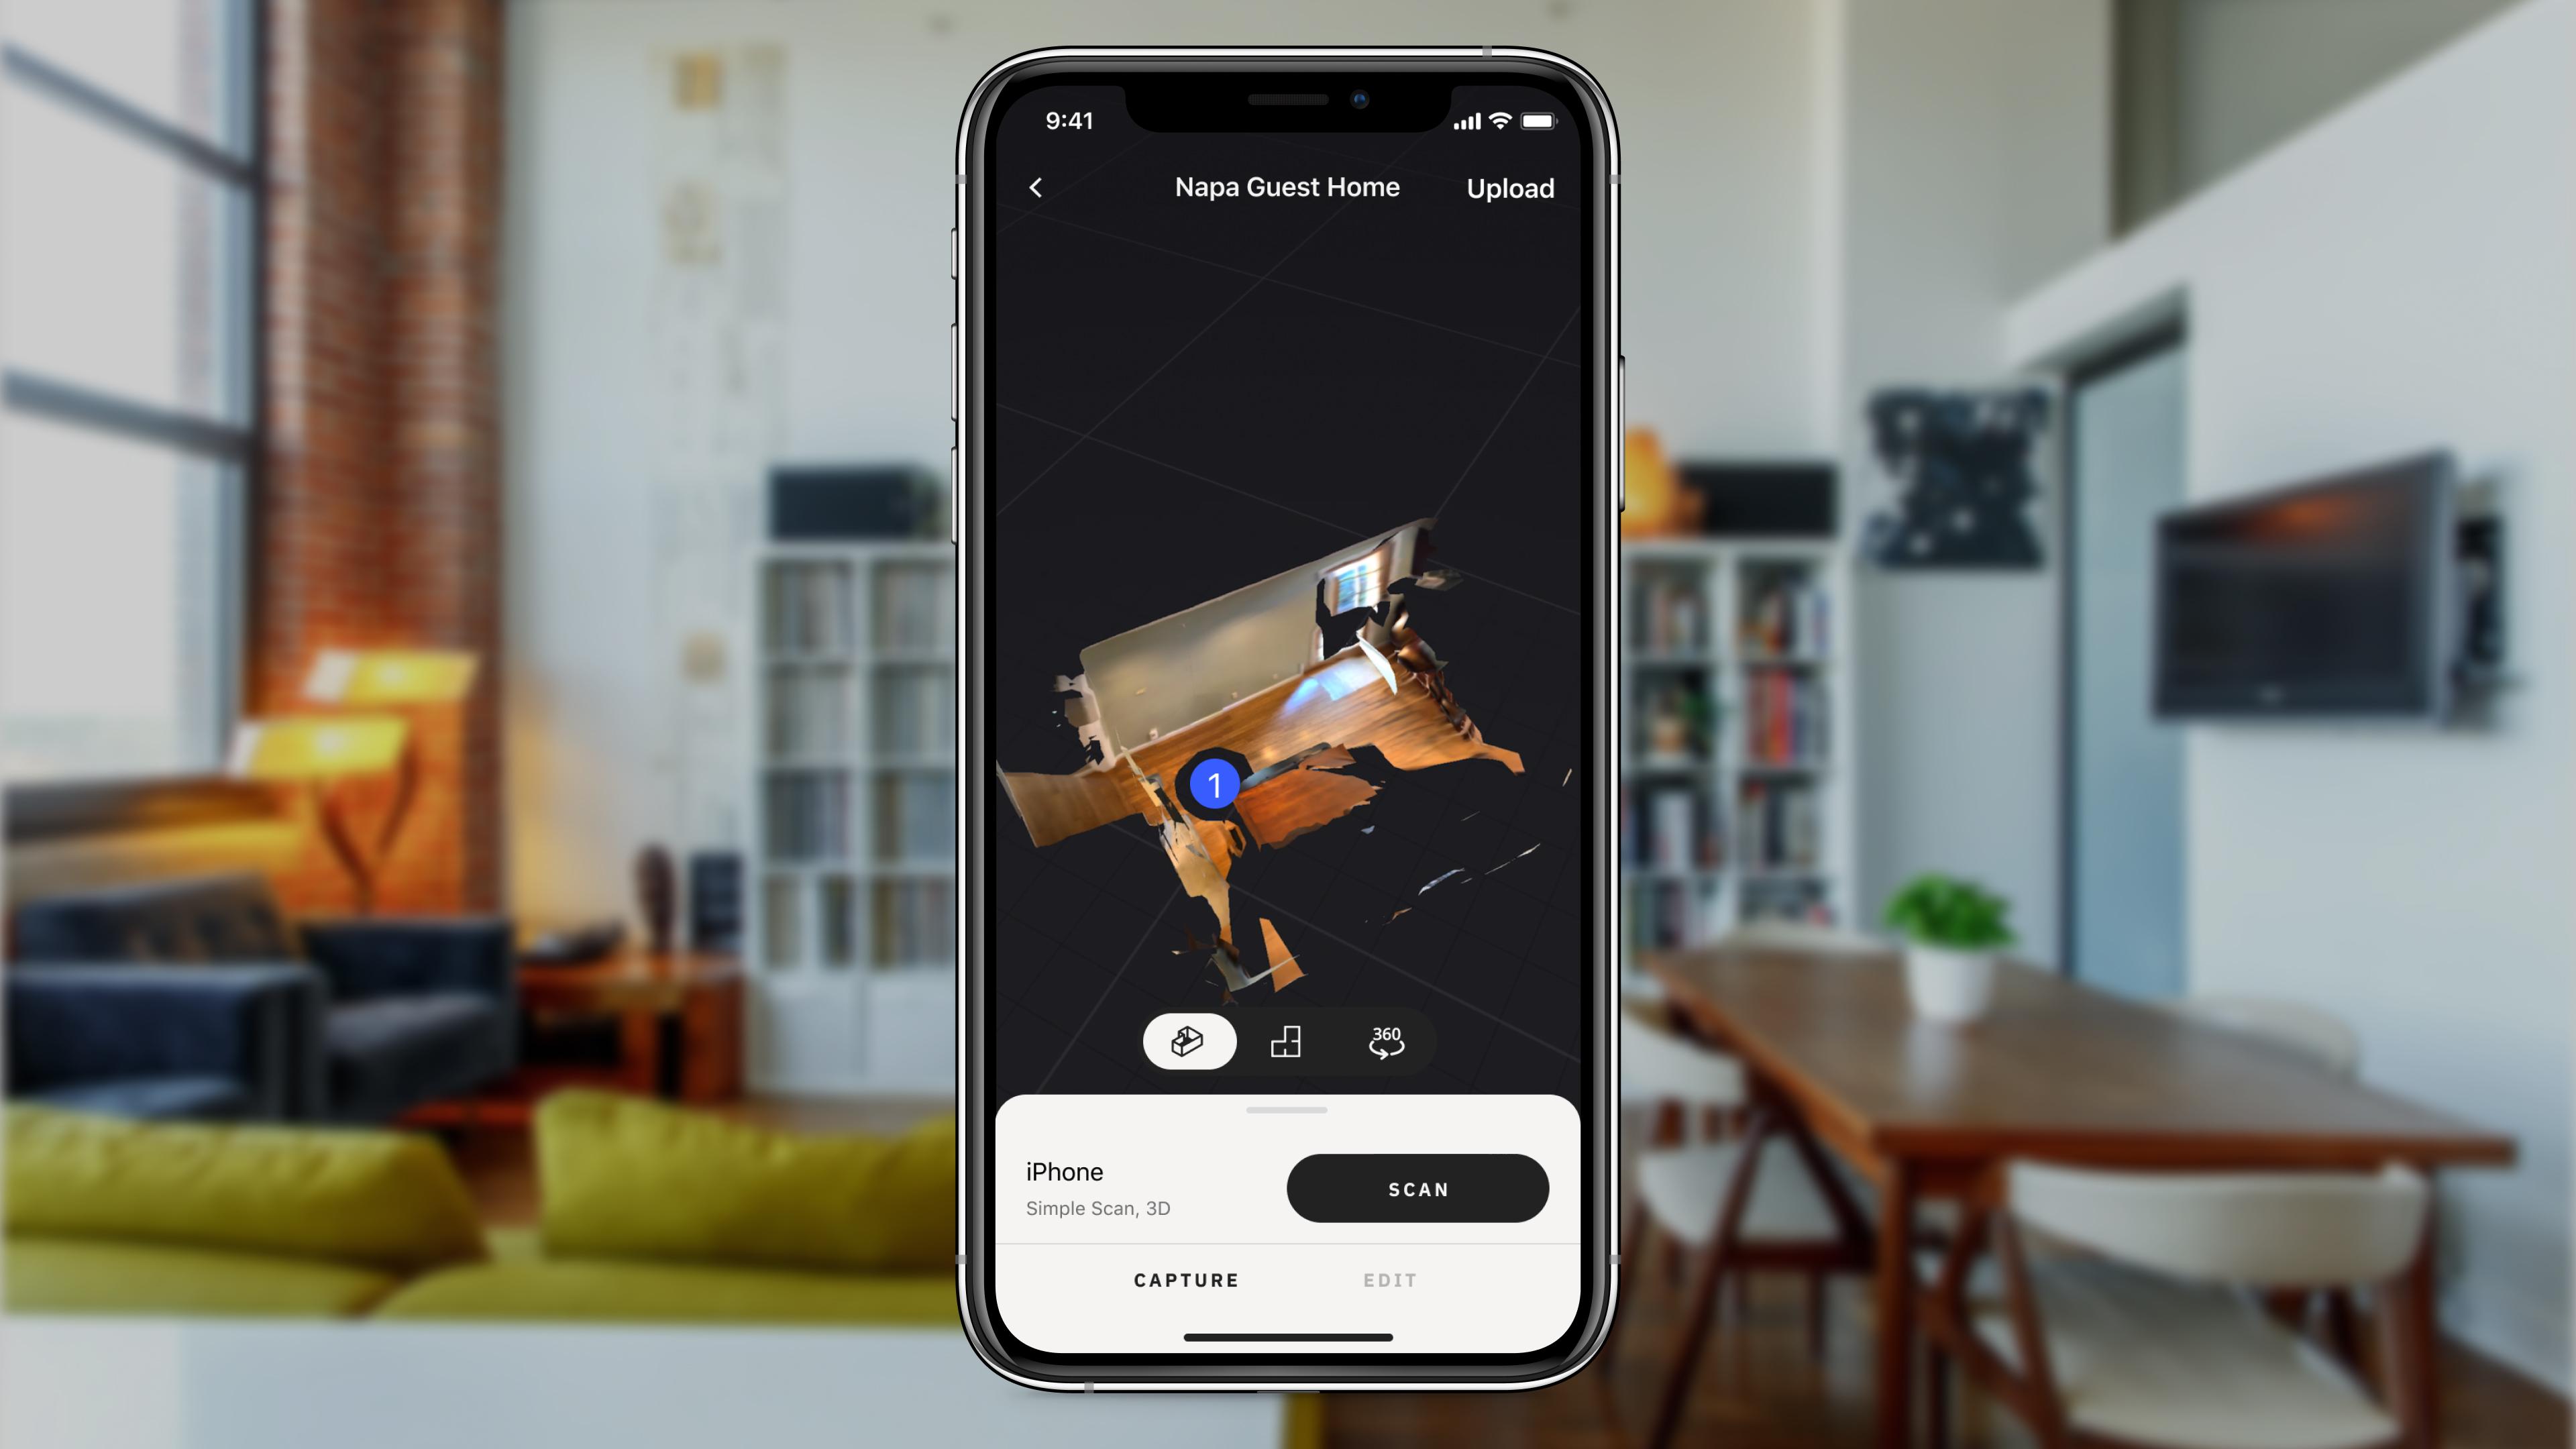 Matterport iPhone app image